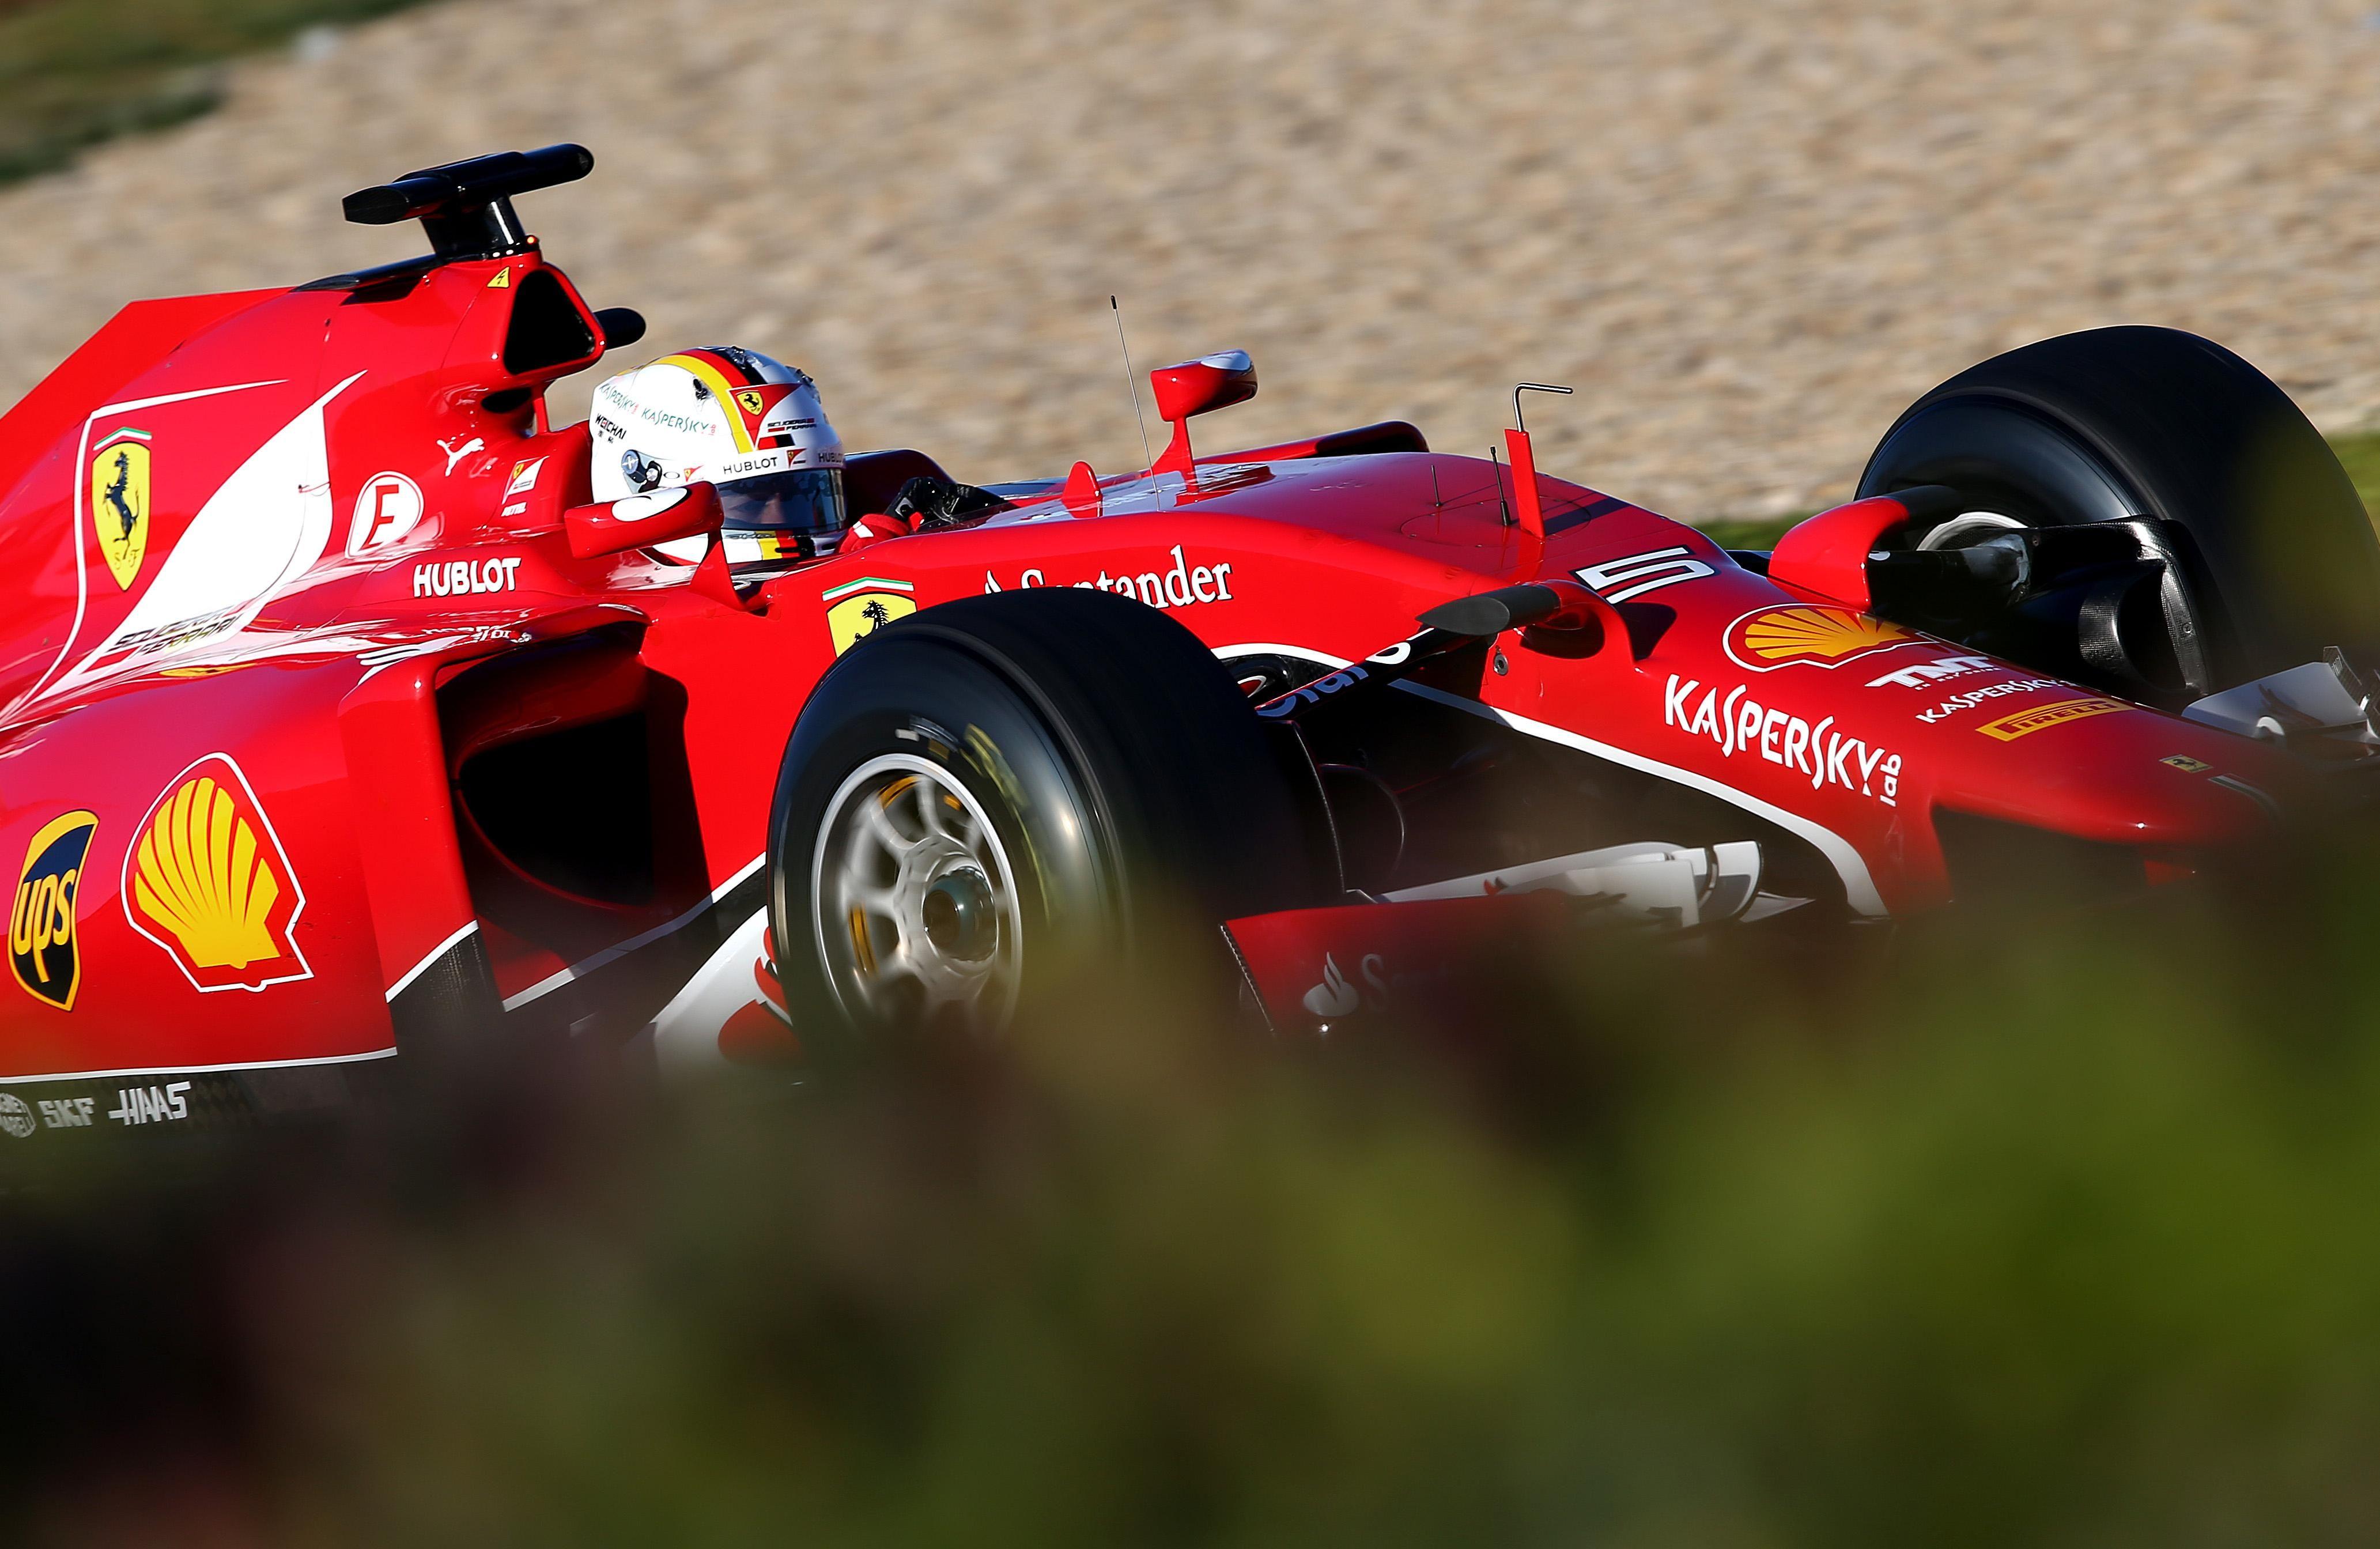 News (Sky Sports) Formula 1, F1 news, Sports